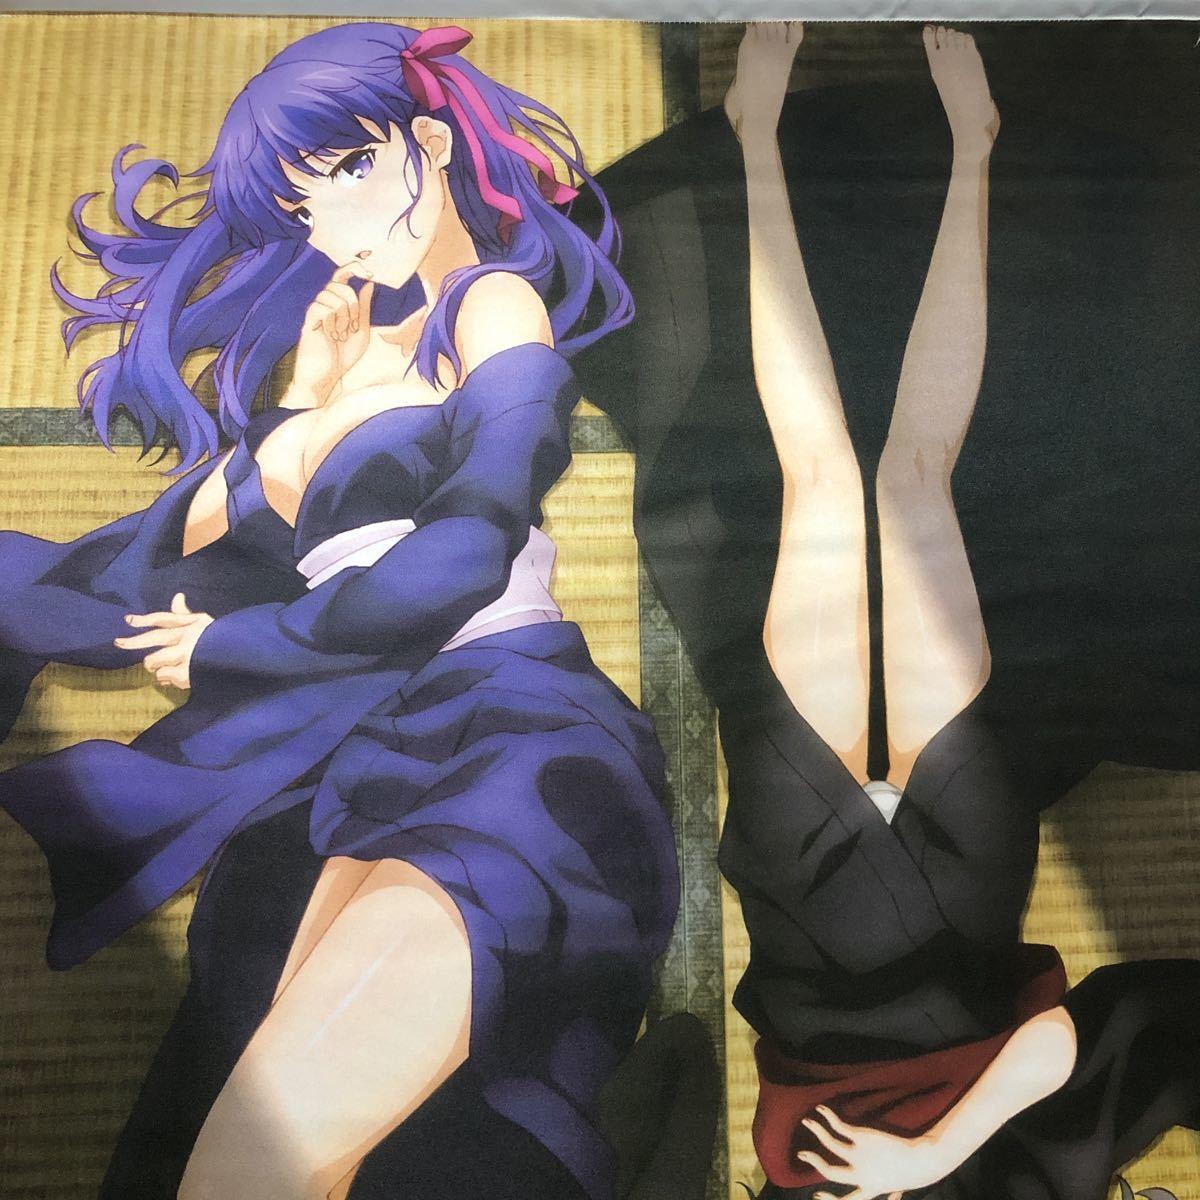 劇場版 Fate/kaleid liner プリズマ☆イリヤ 雪下の誓い 美遊&桜 B2タペストリー 非売品_画像2